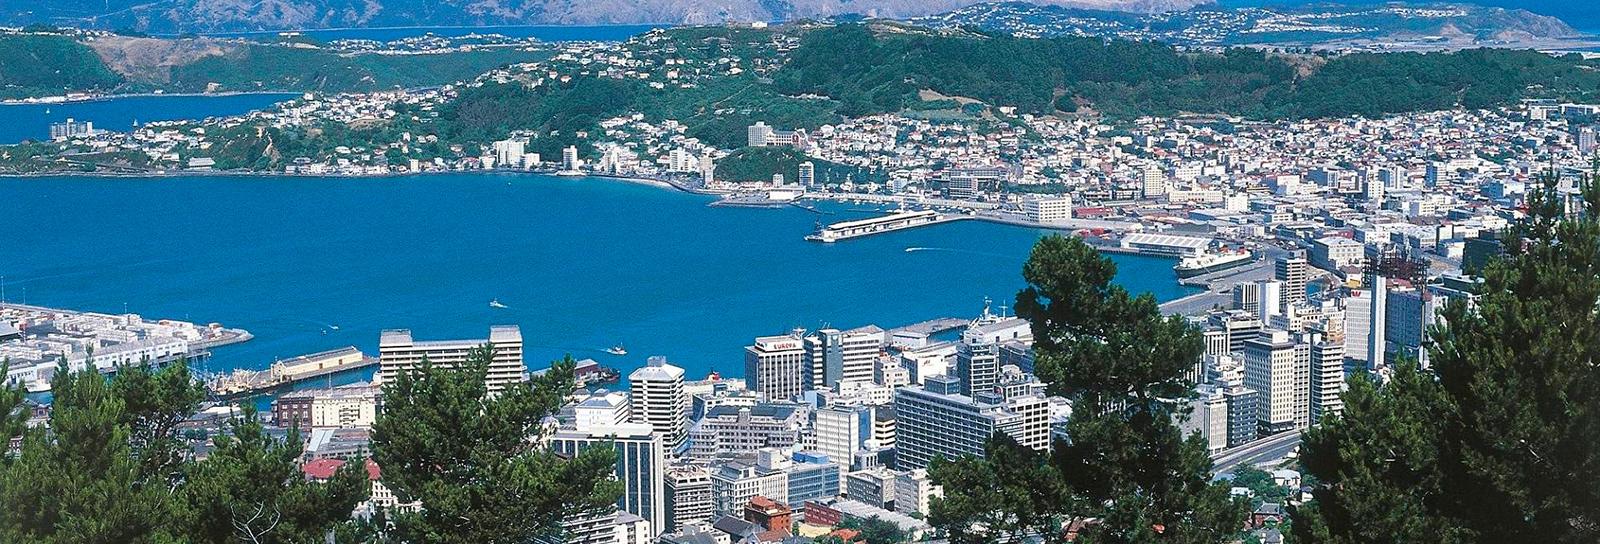 Cidade da Nova Zelândia paga 100 viagens para profissionais estrangeiros em busca de trabalho